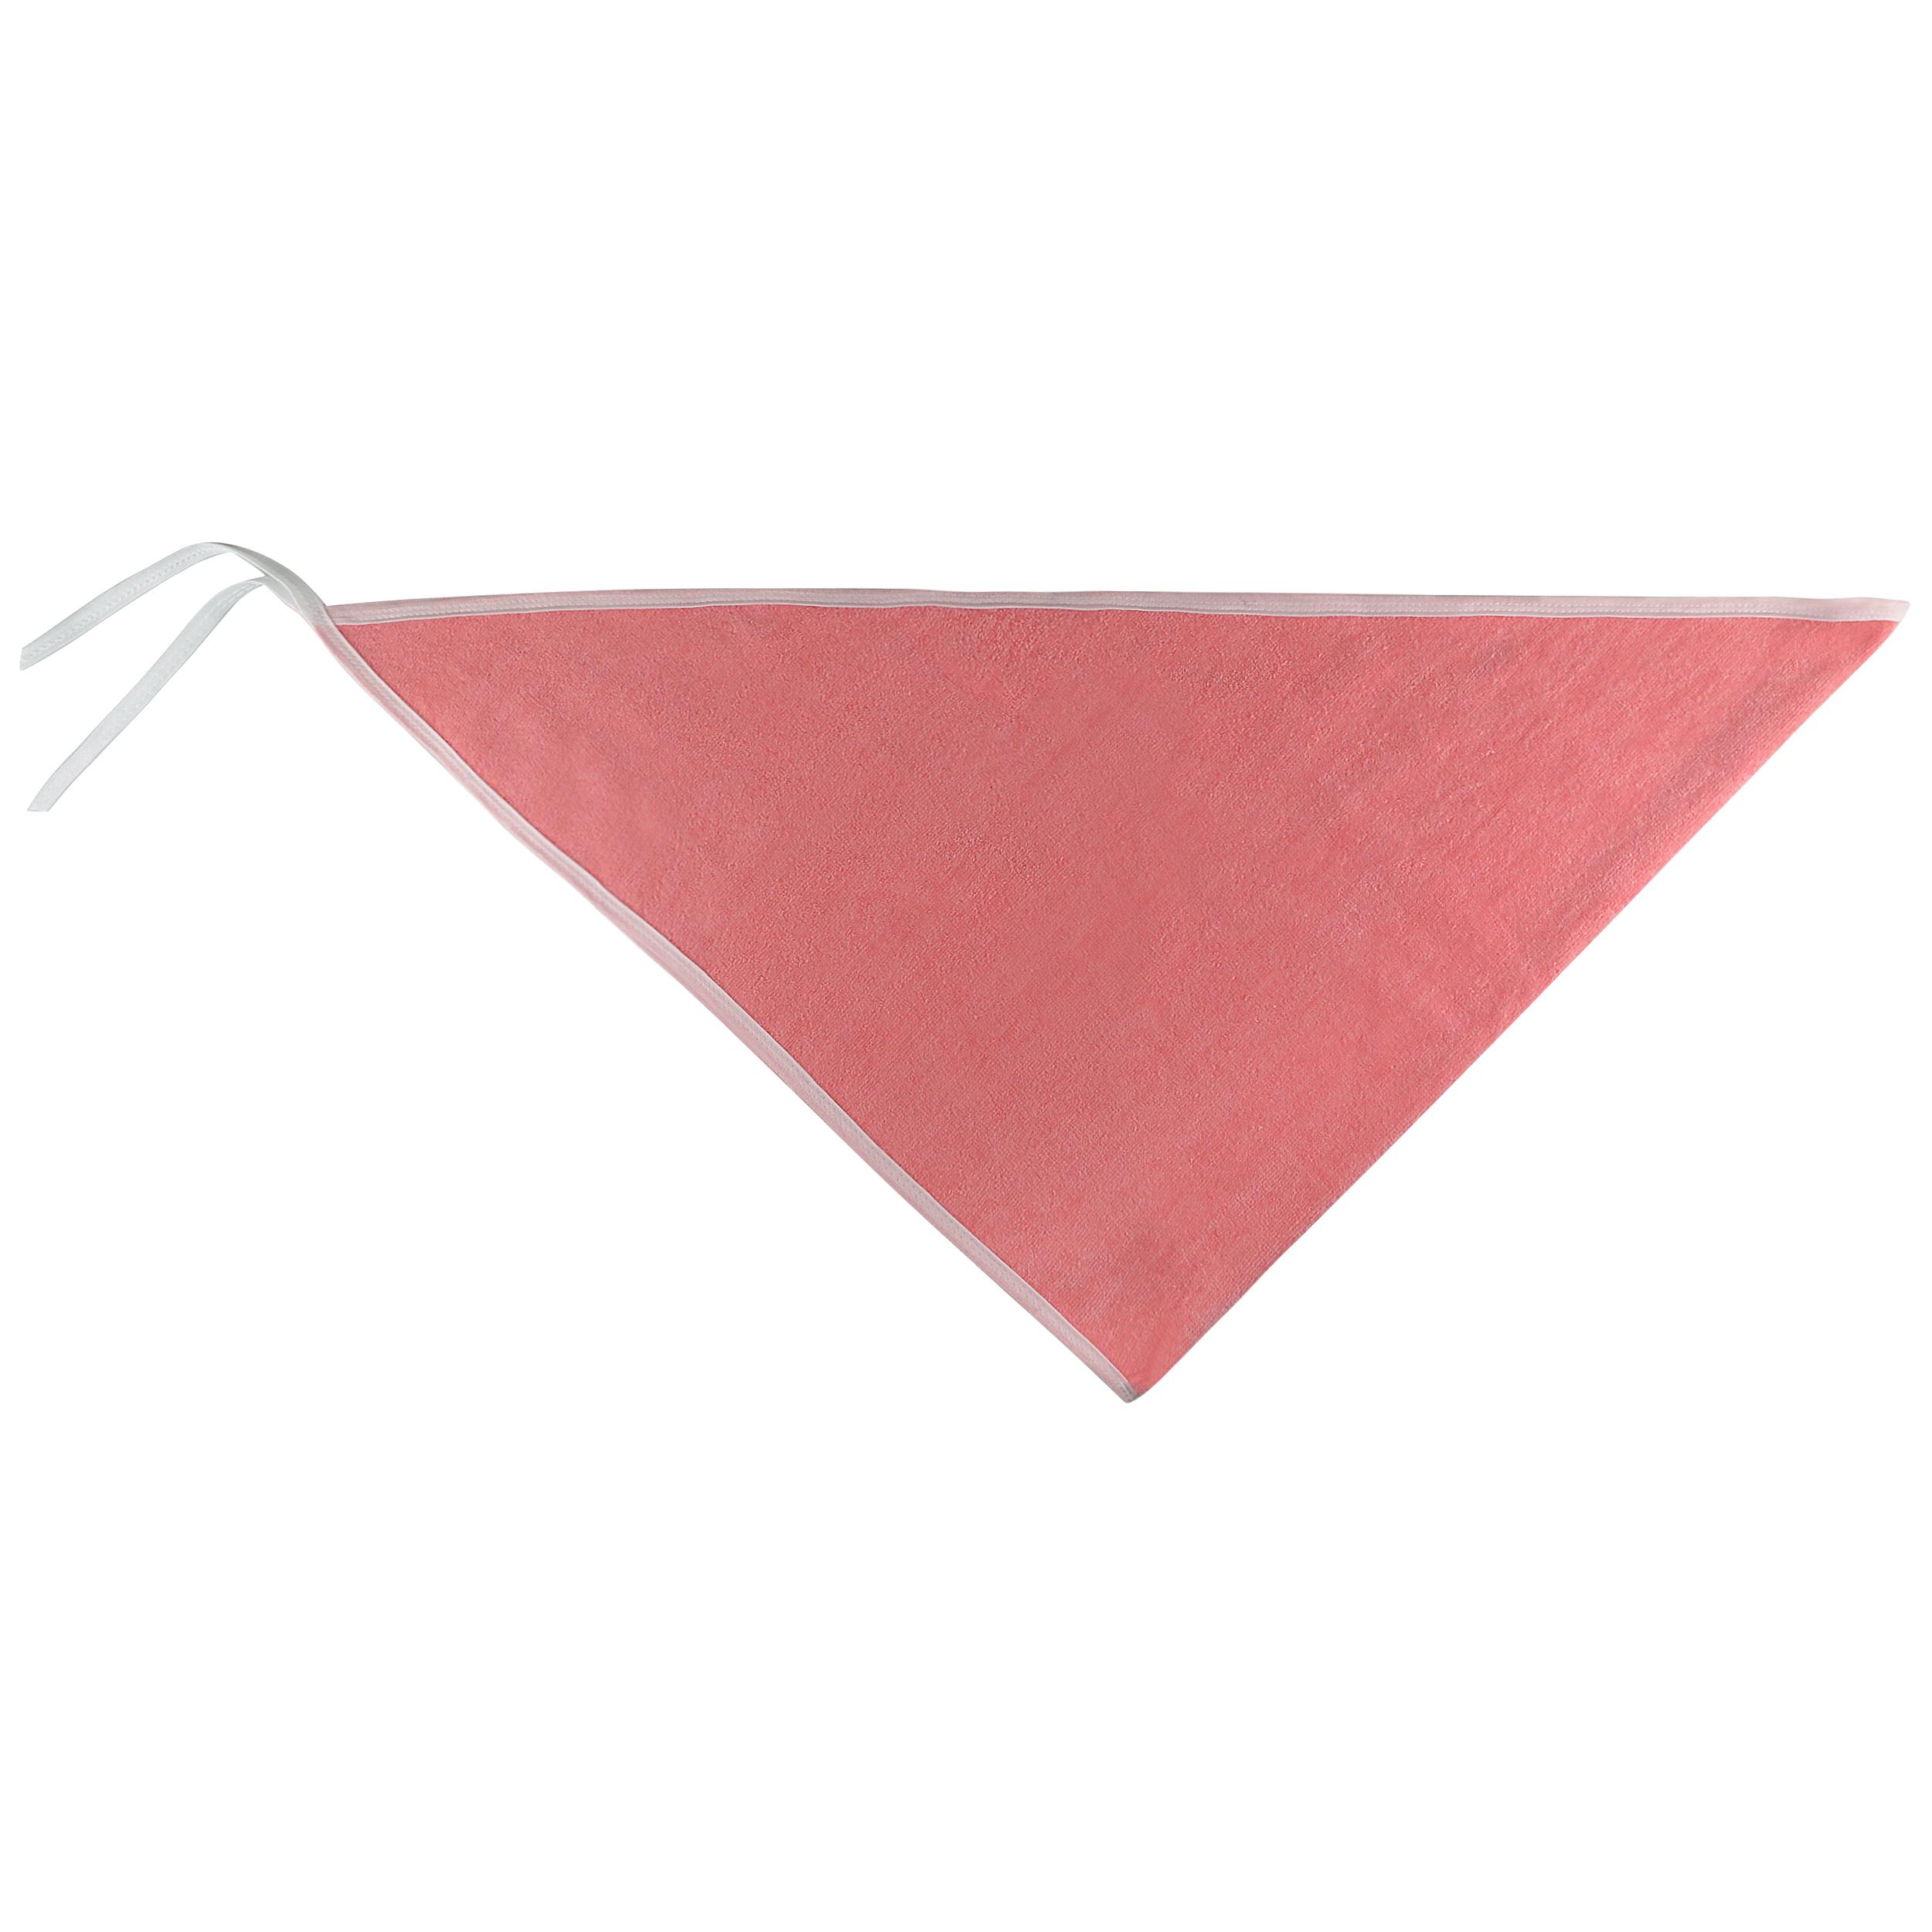 روسری حوله ای مدل Ely سایز 105×88 سانتیمتر